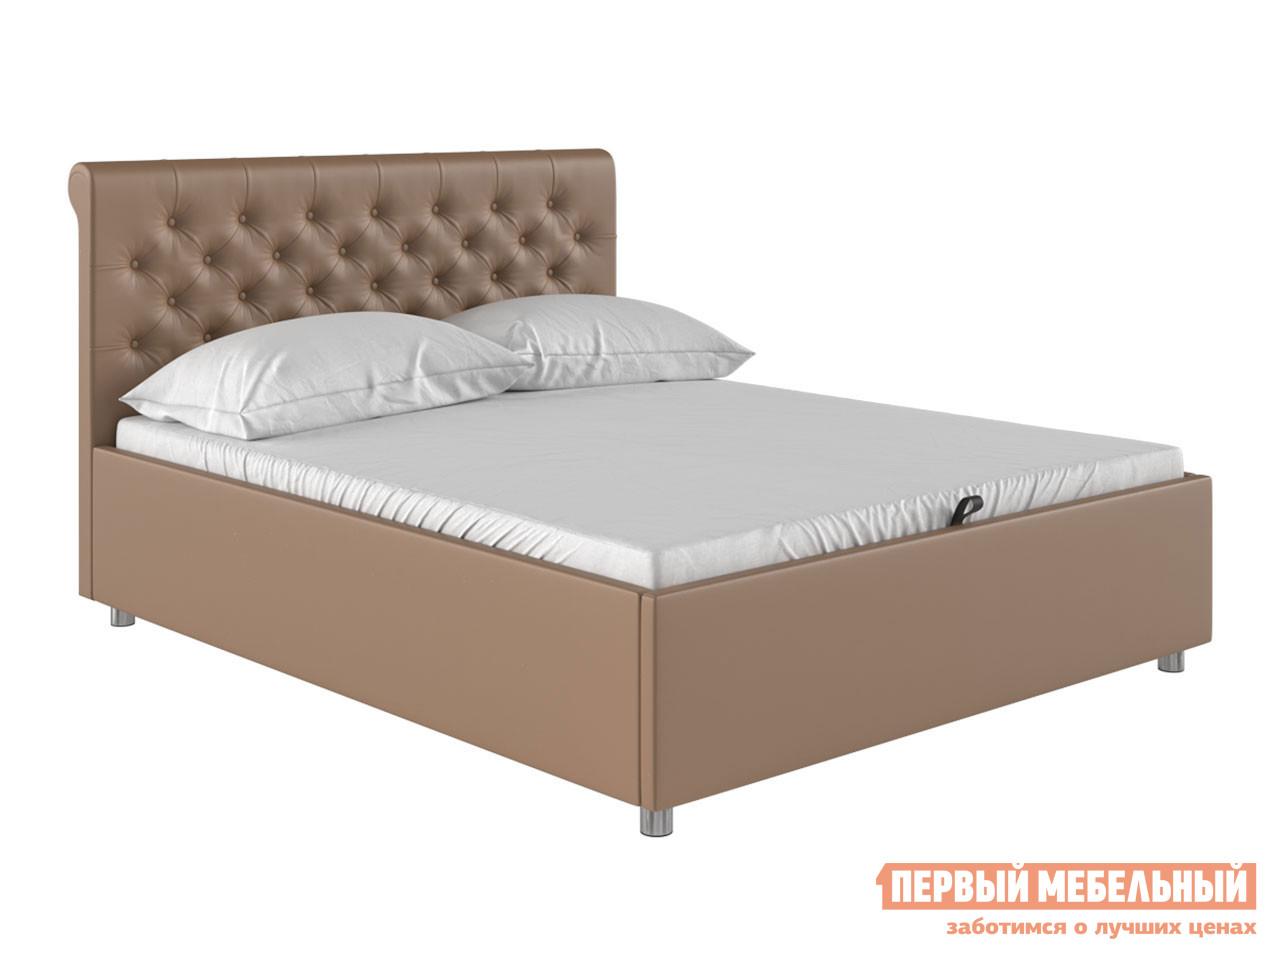 Кровать с подъемным механизмом Первый Мебельный Кровать с подъемным механизмом Офелия